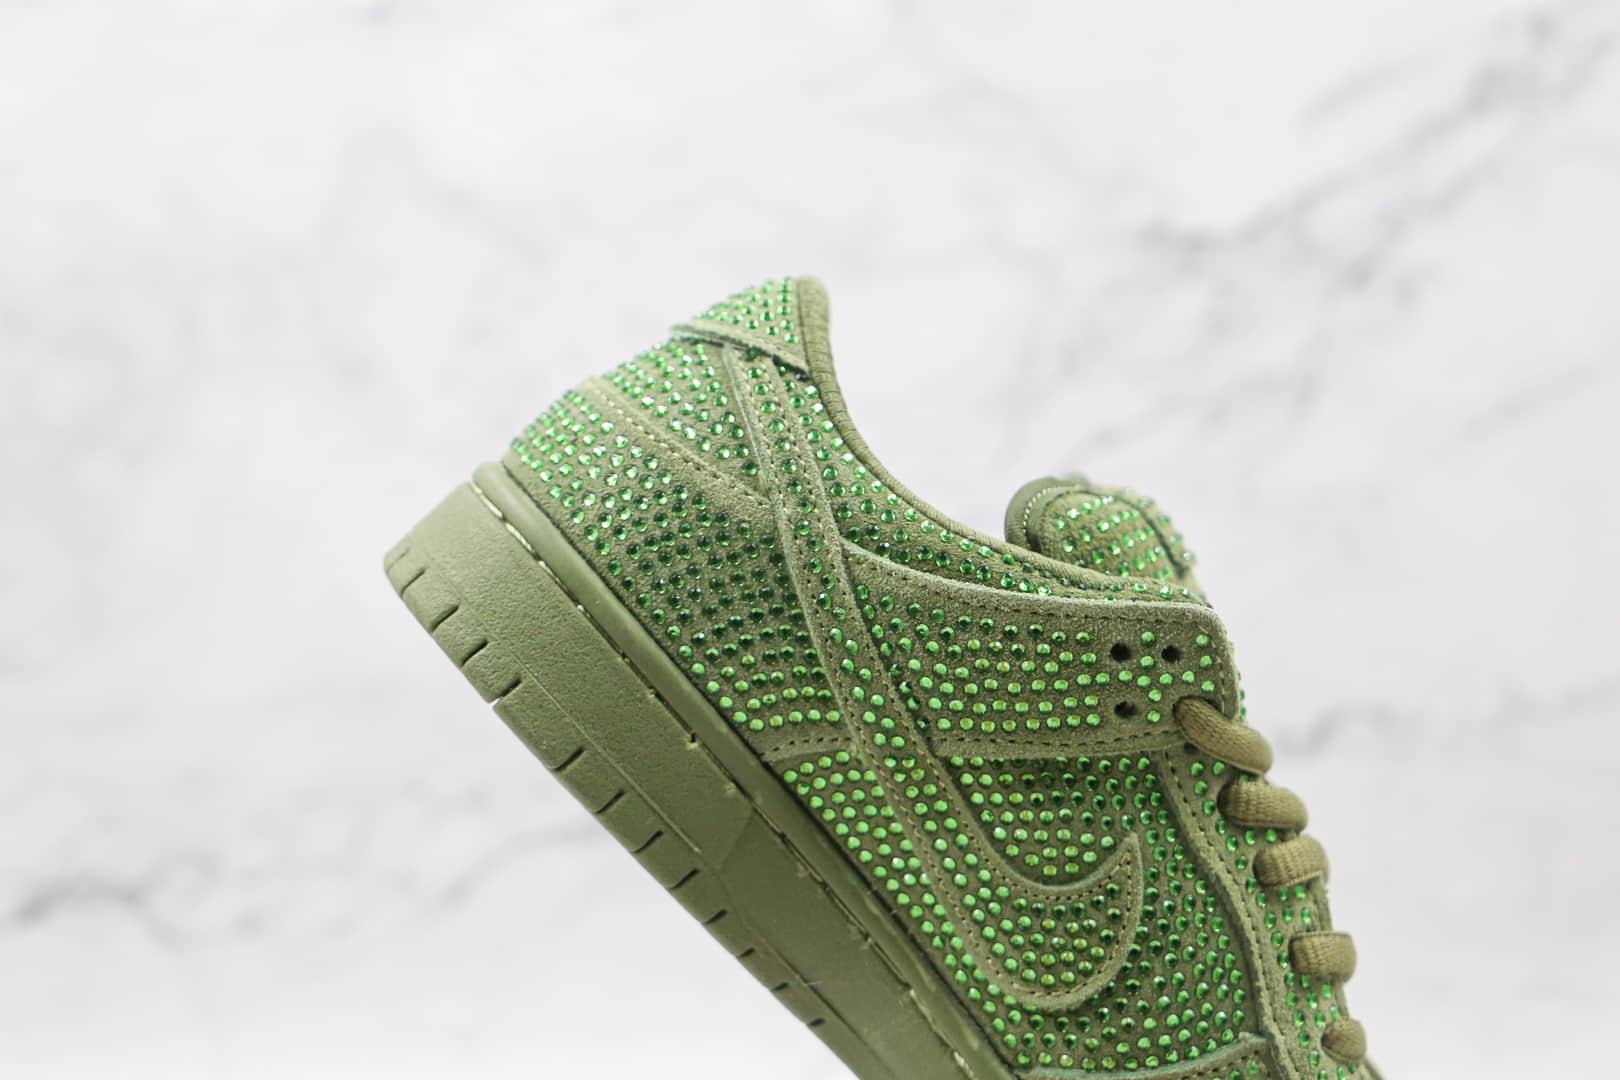 耐克Nike SB Dunk Low x CPFM施华洛世奇联名款纯原版本绿色水钻板鞋内置Zoom气垫 货号:CZ2670-300